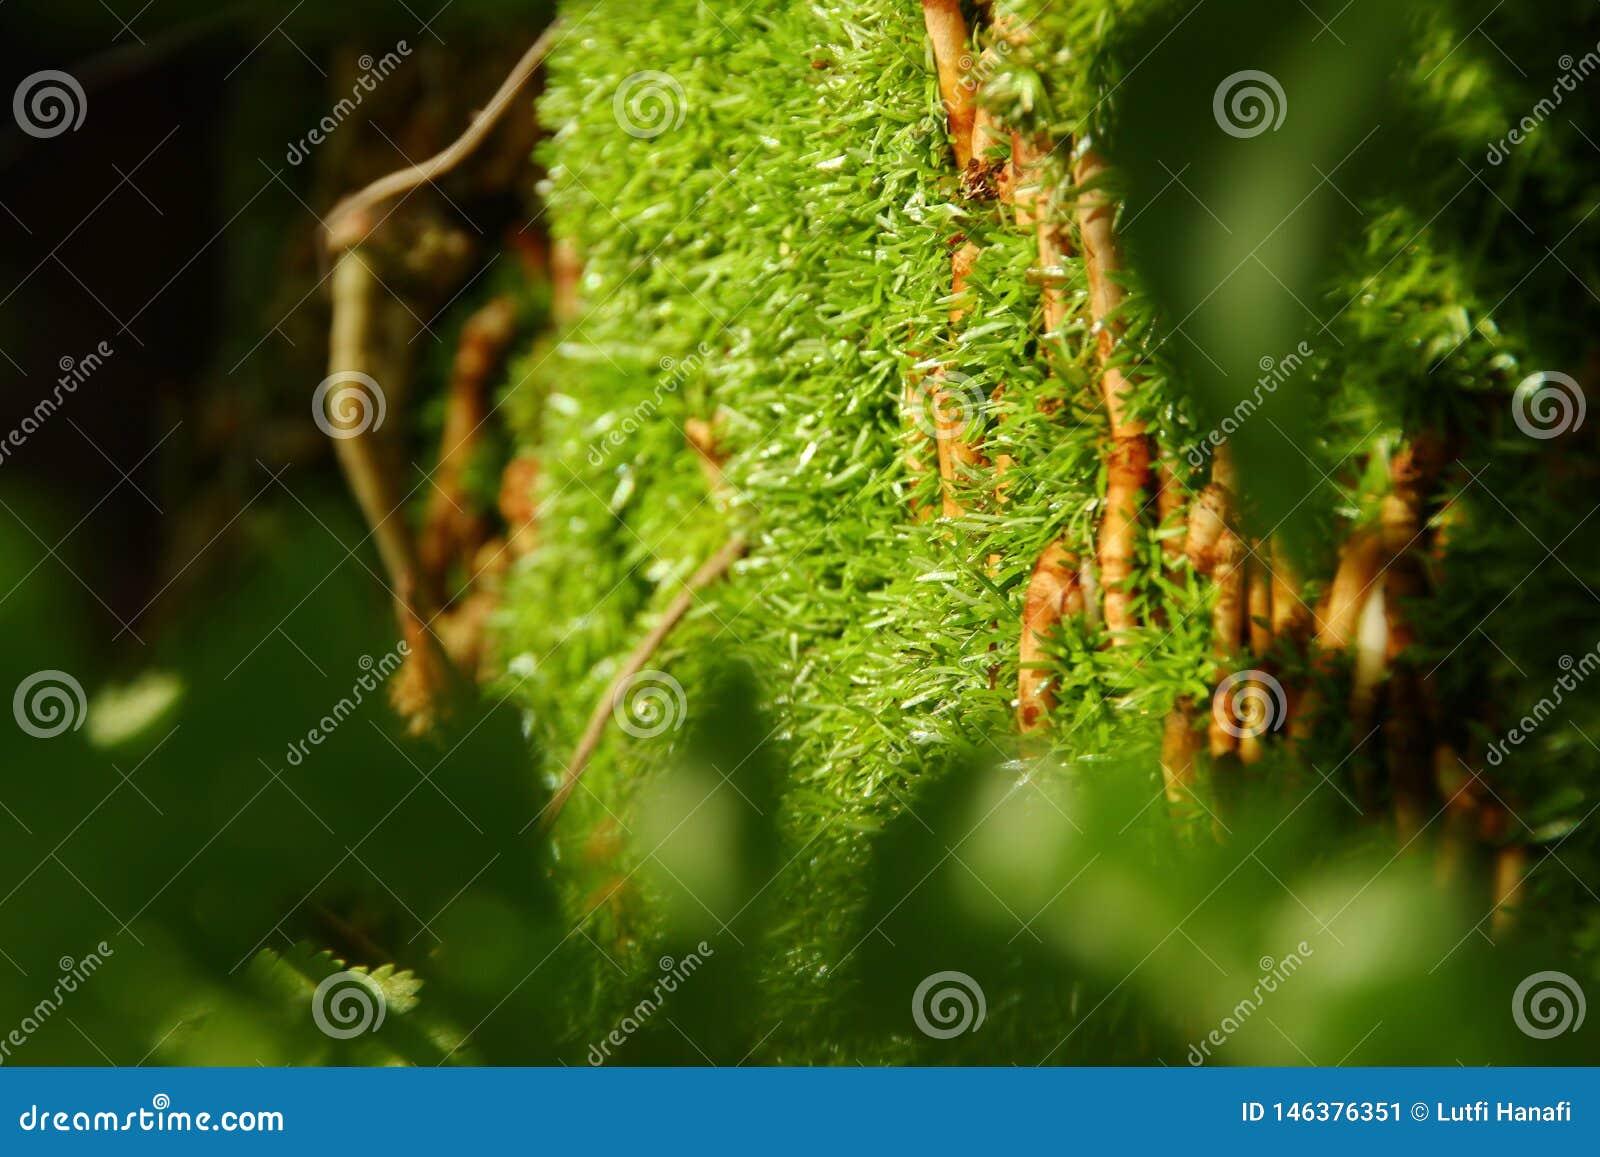 Мох прикрепленный в дерево, путем принимать некоторый фокус,